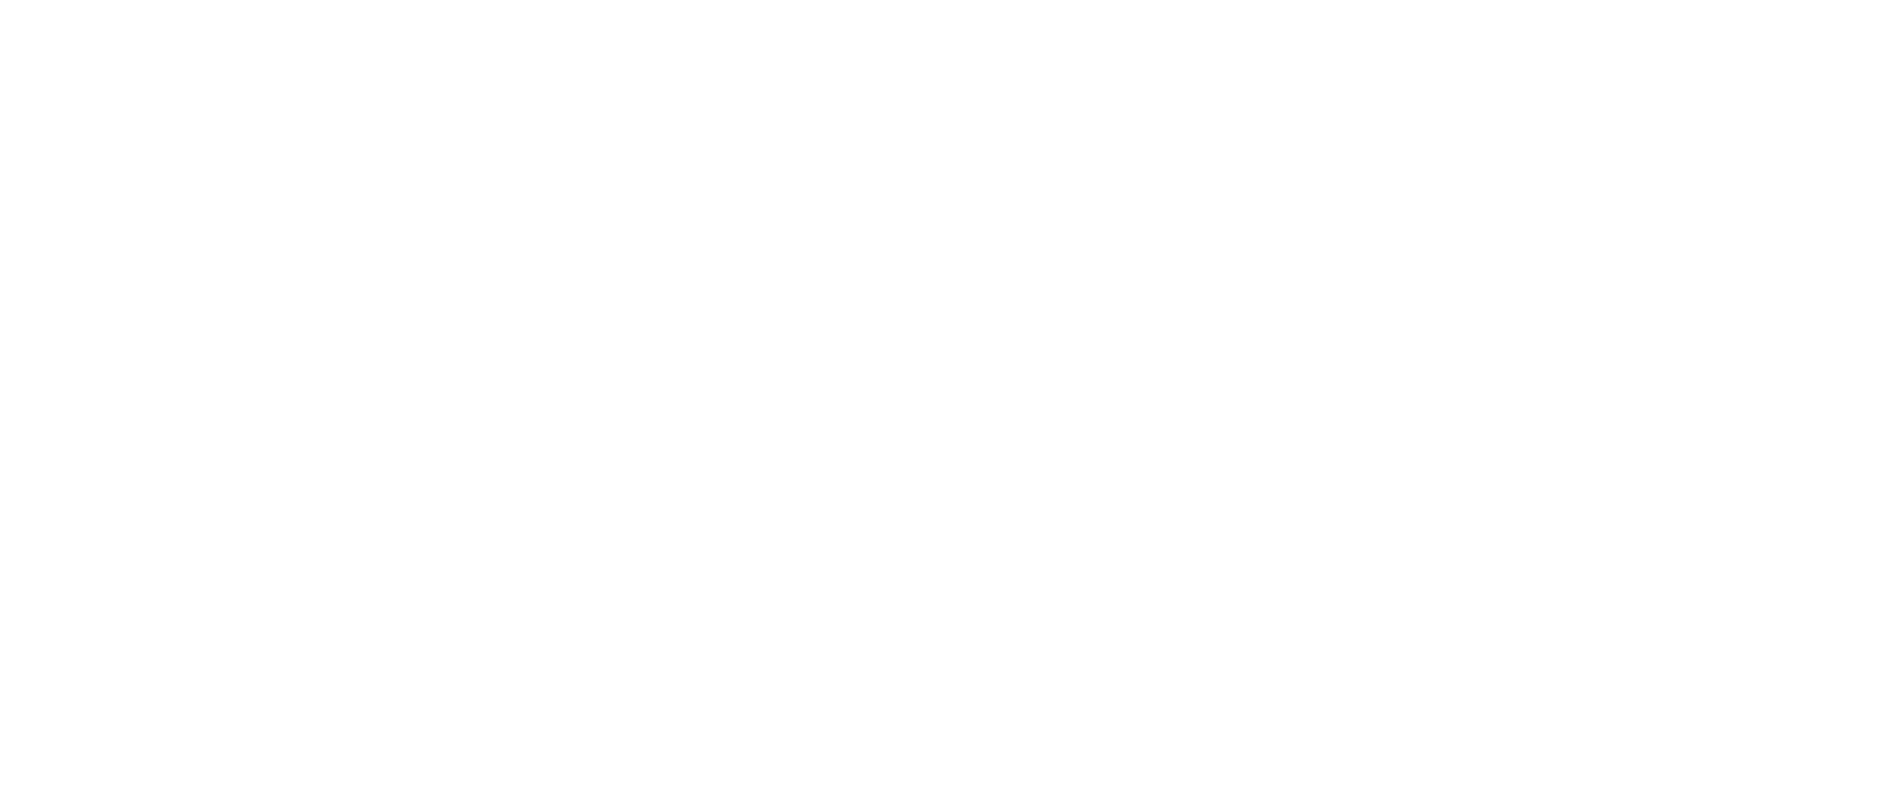 hamar gynekologi as logo hvit